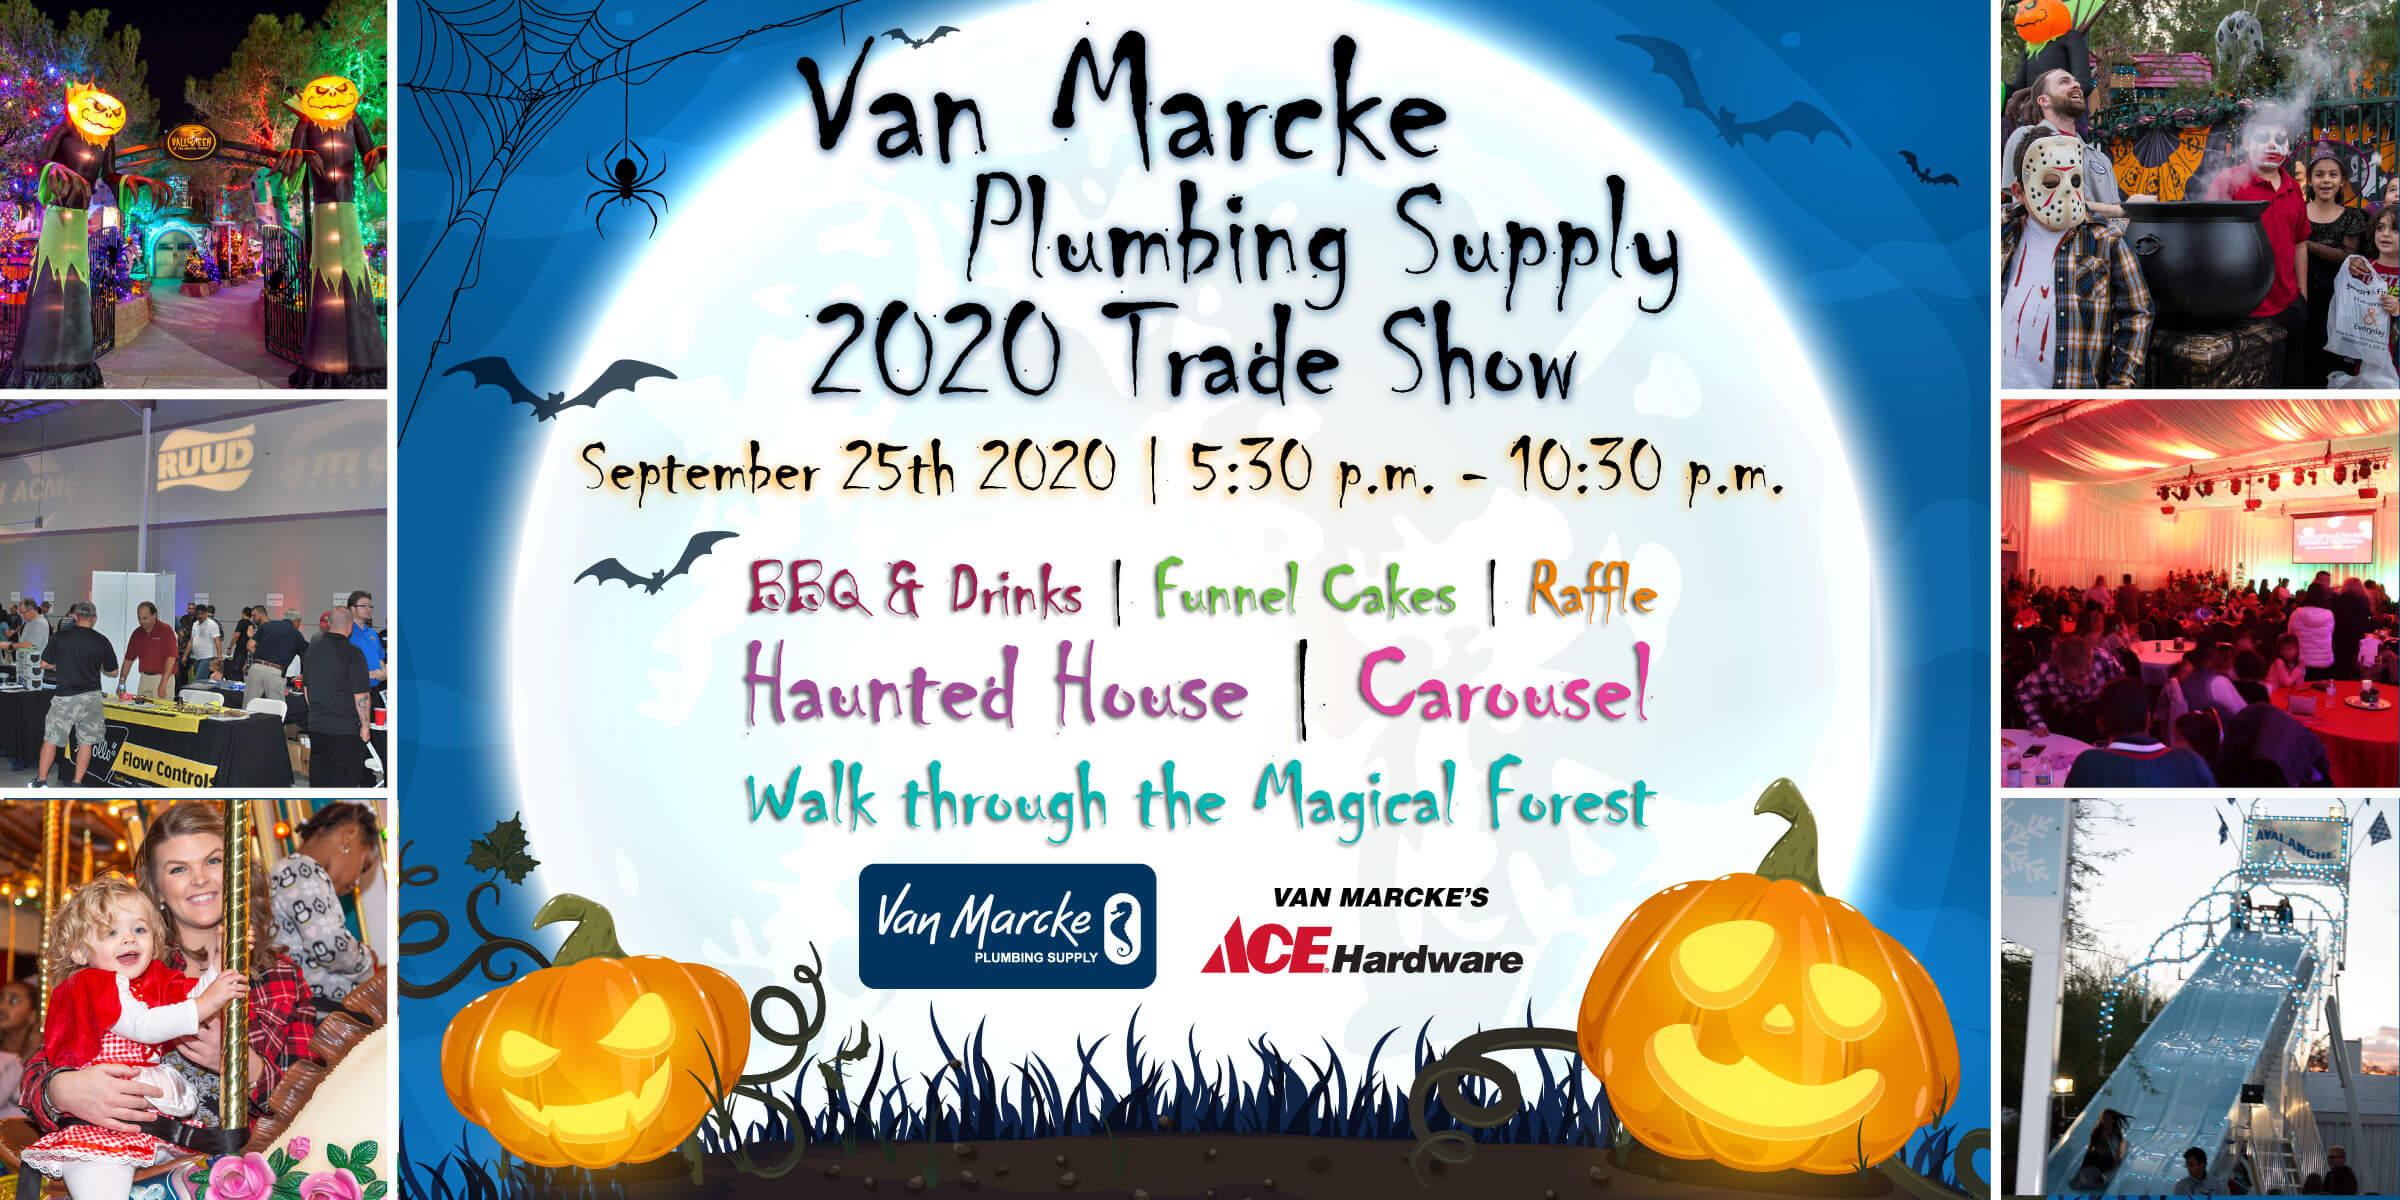 Van-Marcke-Trade-Show-Website-Image-1260-x-1080-(1)